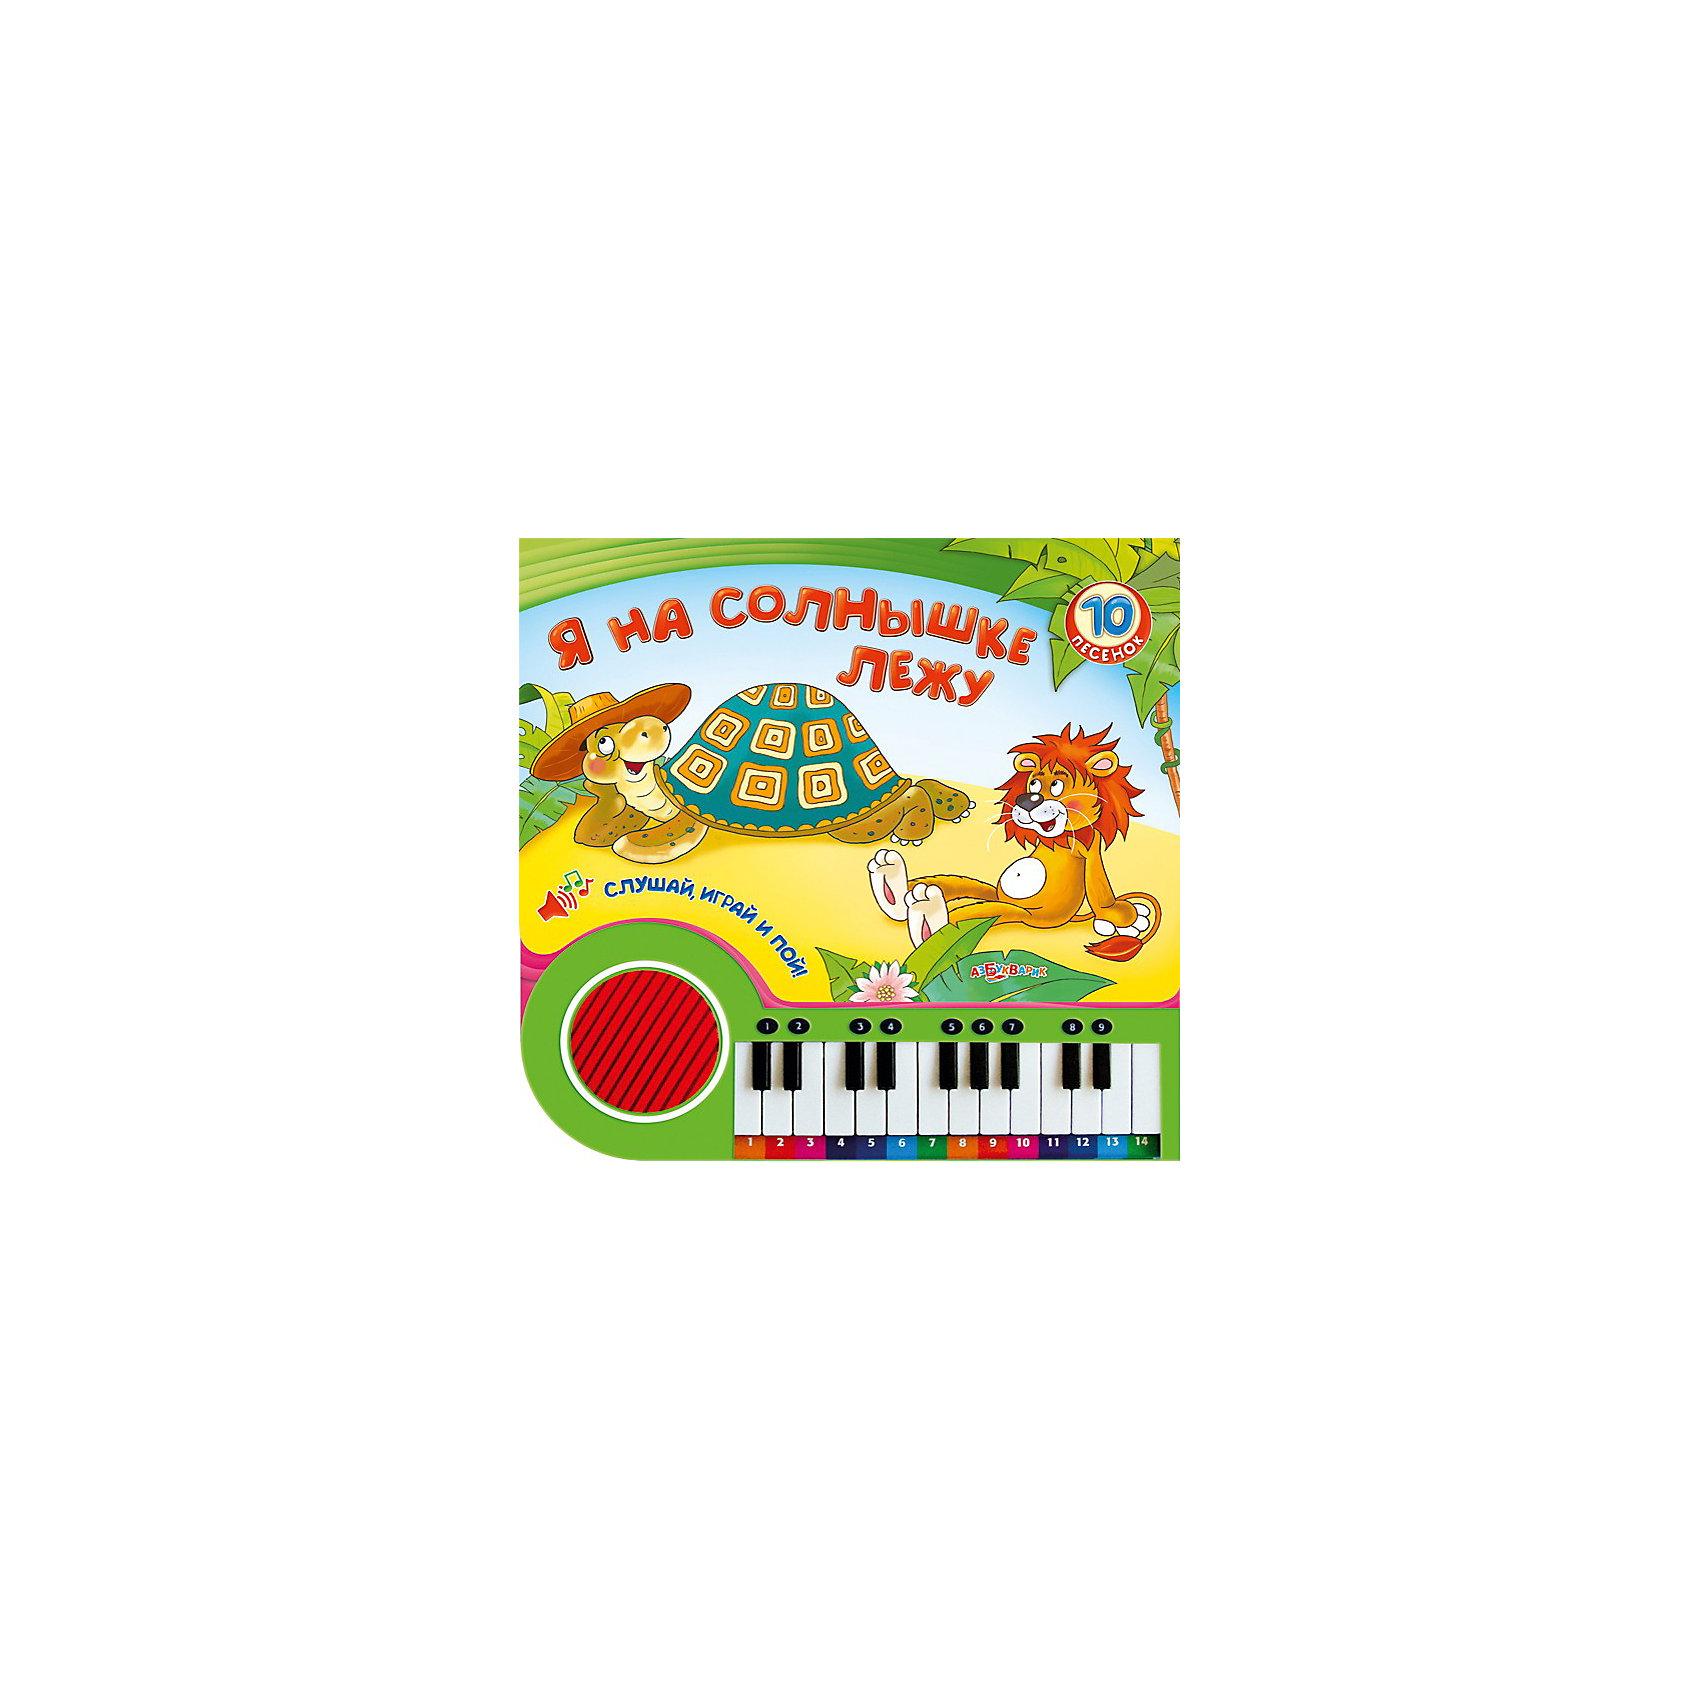 Книга-пианино Я на солнышке лежуЯ на солнышке лежу, Азбукварик – эта яркая книга с функцией пианино обязательно понравится вашему малышу.<br>Книга Я на солнышке лежу, издательства Азбукварик - это сборник из 10 настоящих детских хитов из любимых мультфильмов. Яркая книжка с толстыми страницами подойдет для самых юных читателей. Книга-пианино имеет два режима работы. В режиме демо звучит выбранная мелодия (один куплет и припев), а в режиме пиано клавиши звучат как отдельные ноты. Для облегчения, ноты в книге покрашены в разные цвета и подписаны цифрами. Цветная нотка соответствует одной из белых клавиш, а черная нотка - одной из черных клавиш.<br><br>Дополнительная информация:<br><br>- Содержание: Песенка Львёнка и Черепахи, Здравствуй детство, Мы запели песенку, Зима, Кто пасётся на лугу?, Неприятность это мы переживем, Спят усталые игрушки, Добрый жук, Самая счастливая, Настоящий друг<br>- Редактор-составитель: Наталья Свистунова<br>- Художник: Асмик Паланджян<br>- Издательство: Азбукварик<br>- Тип переплета: твердый (картон)<br>- Количество страниц: 20<br>- Бумага: плотный мелованный картон<br>- Иллюстрации: цветные<br>- Дополнительный элемент: электронное пианино на 2 октавы<br>- Батарейки: 2 шт. типа АА (в комплекте демонстрационные)<br>- Размер: 260 x 260 х 20 мм.<br>- Вес: 760 гр.<br><br>Книгу Я на солнышке лежу, Азбукварик можно купить в нашем интернет-магазине.<br><br>Ширина мм: 38<br>Глубина мм: 28<br>Высота мм: 25<br>Вес г: 750<br>Возраст от месяцев: 24<br>Возраст до месяцев: 60<br>Пол: Унисекс<br>Возраст: Детский<br>SKU: 3717650